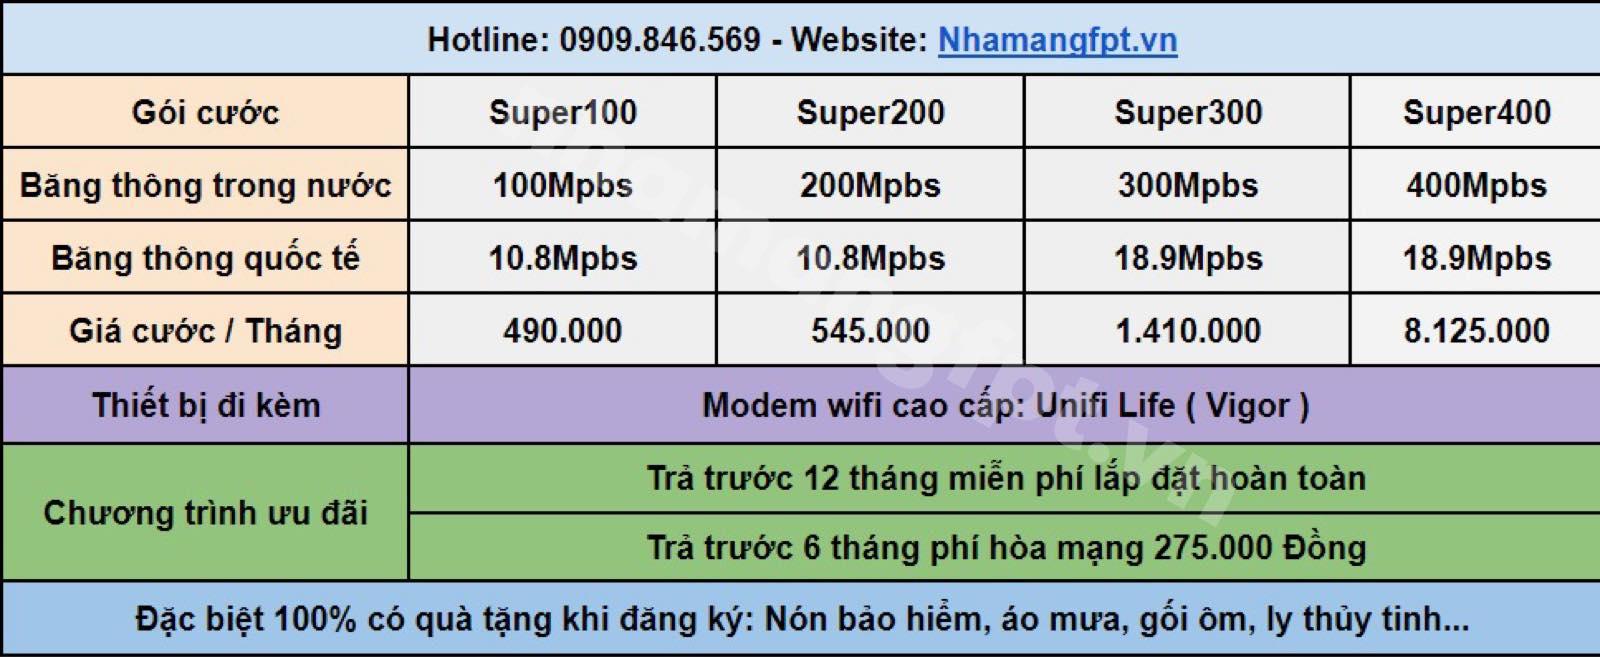 Bảng giá Internet FPT dành cho đối tượng công ty, doanh nghiệp ở Hóc Môn.